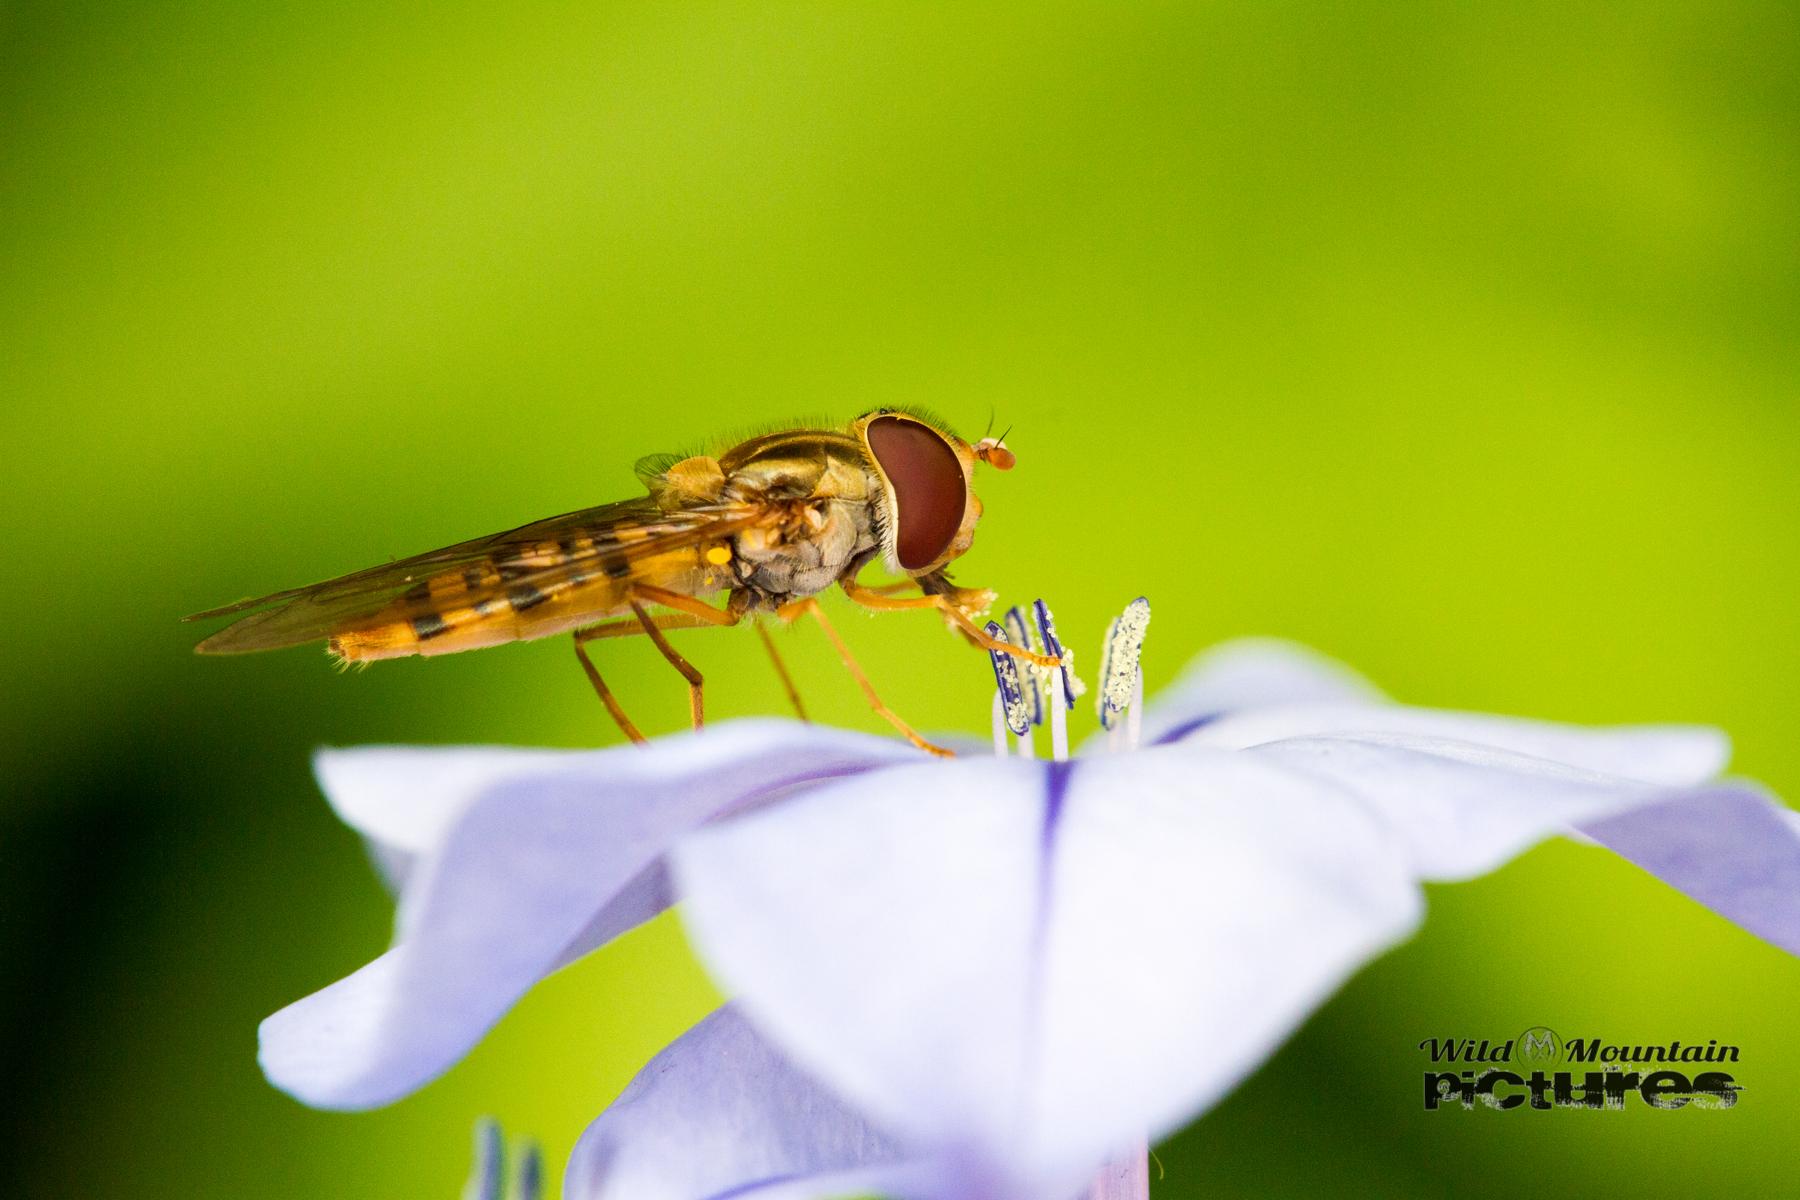 Schwebfliege Auf Blauer Blüte